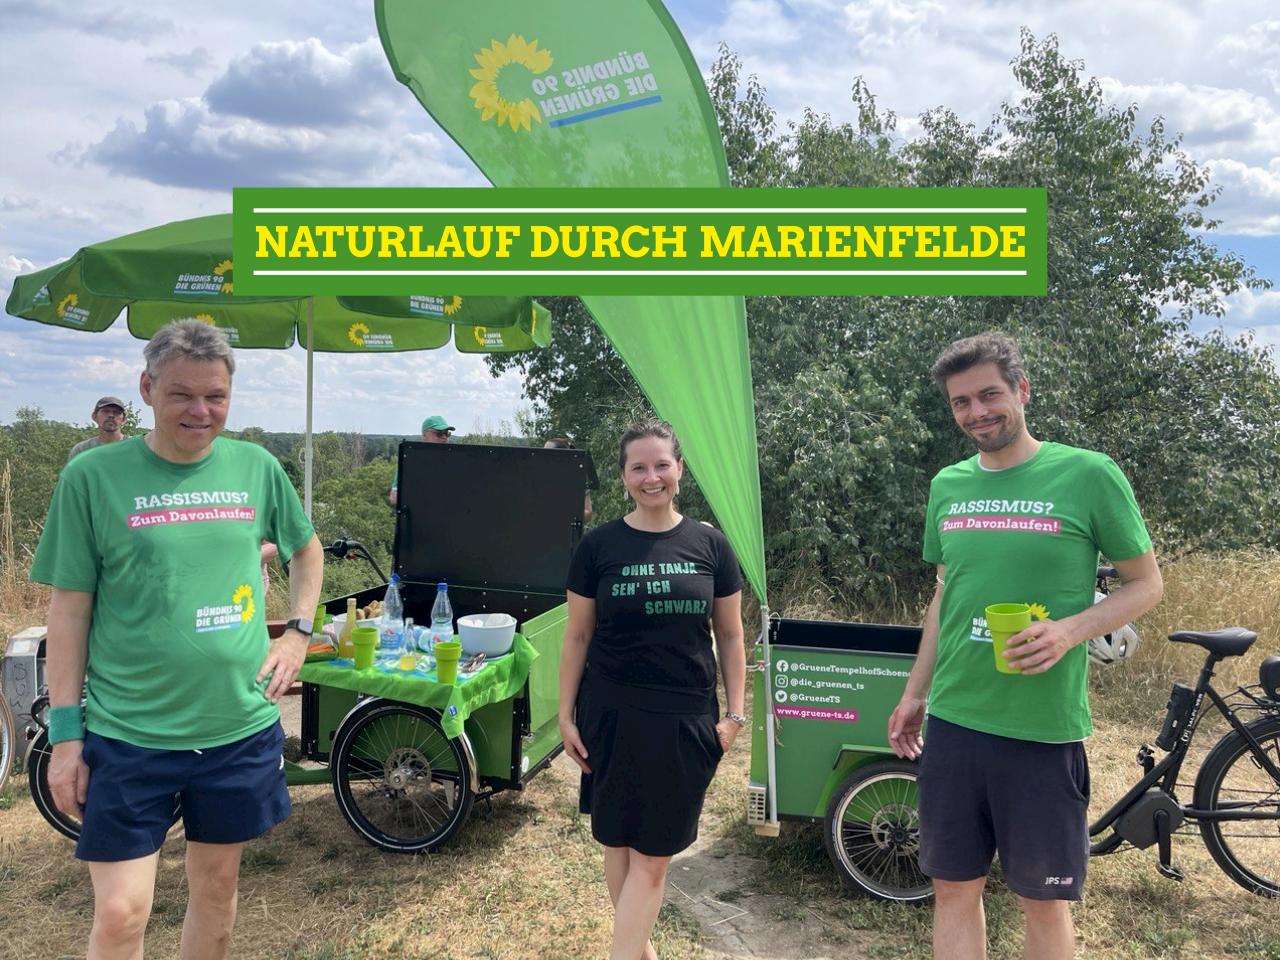 Naturlauf durch den Freizeitpark Marienfelde  mit Jörn Oltmann und Friedemann Dau